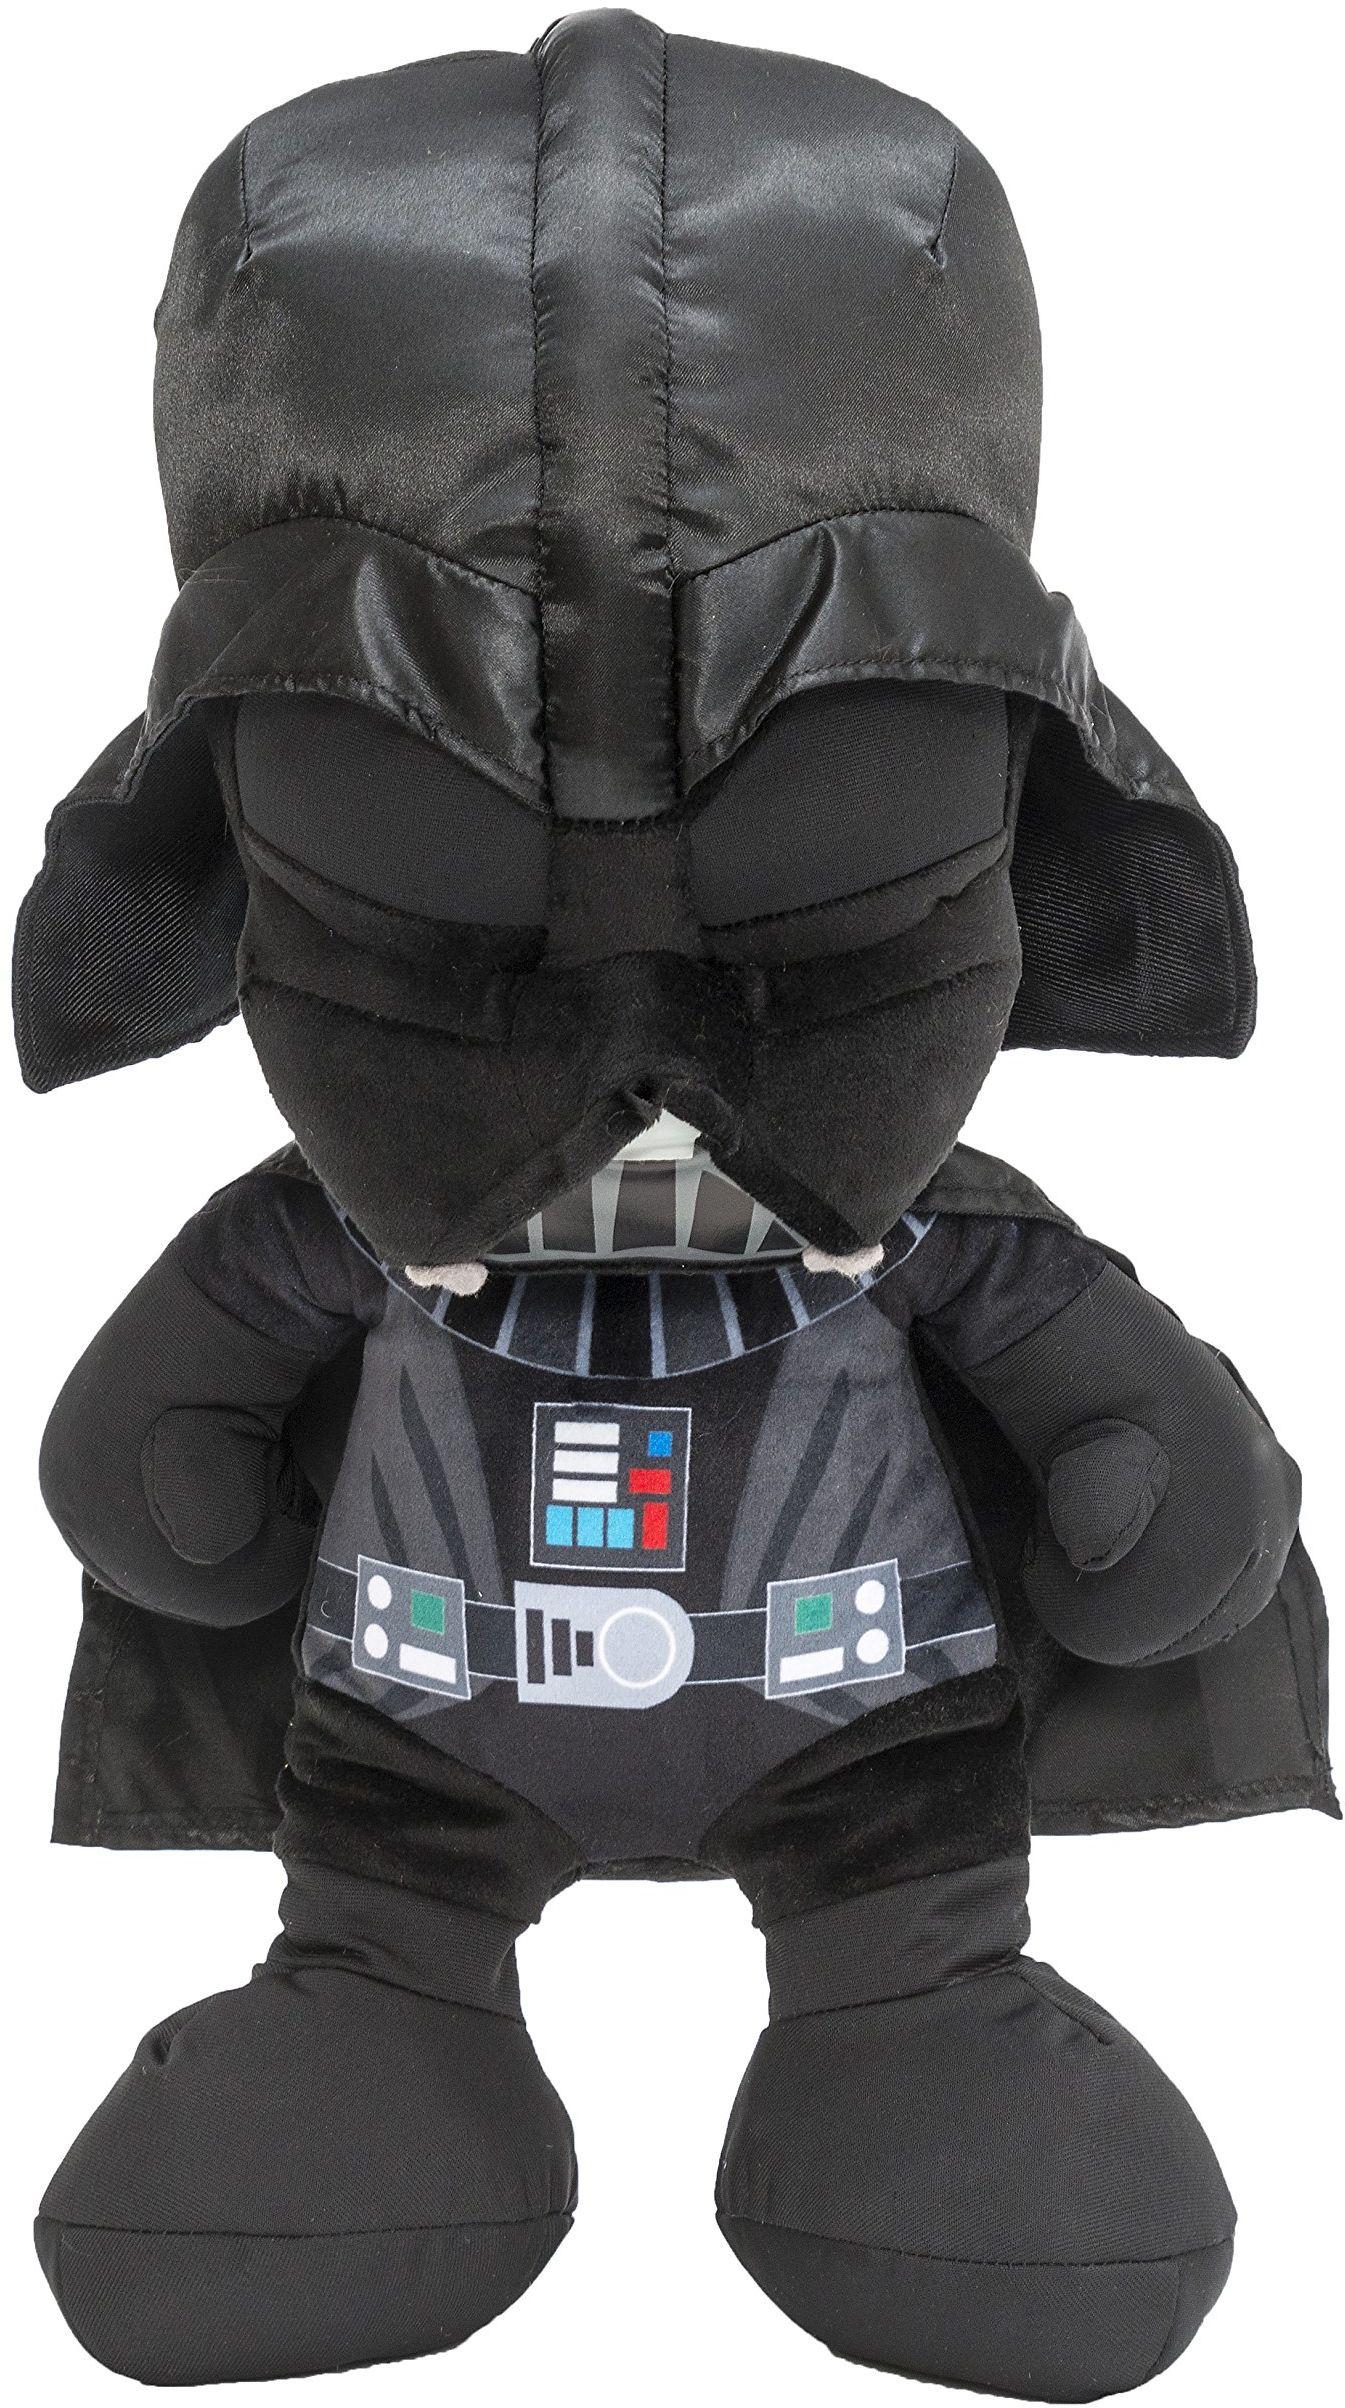 Joy Toy 1400703 - Darth Vader Velboa aksamitny plusz, 45 cm